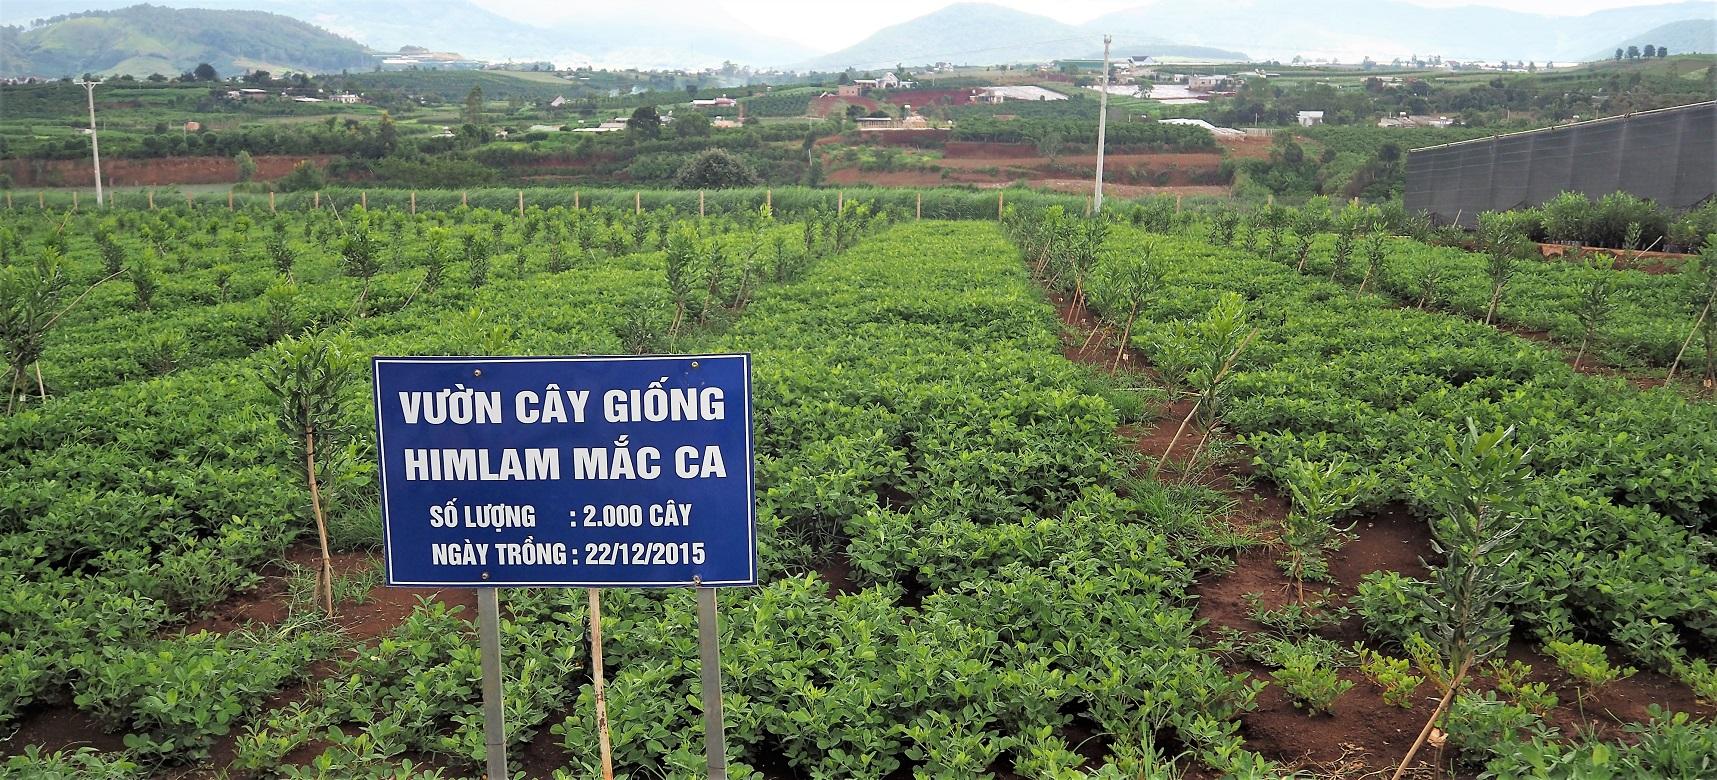 Hình ảnh vườn mắc ca 2000 cây tại Vườn ươm Công ty Him Lam Mắc Ca